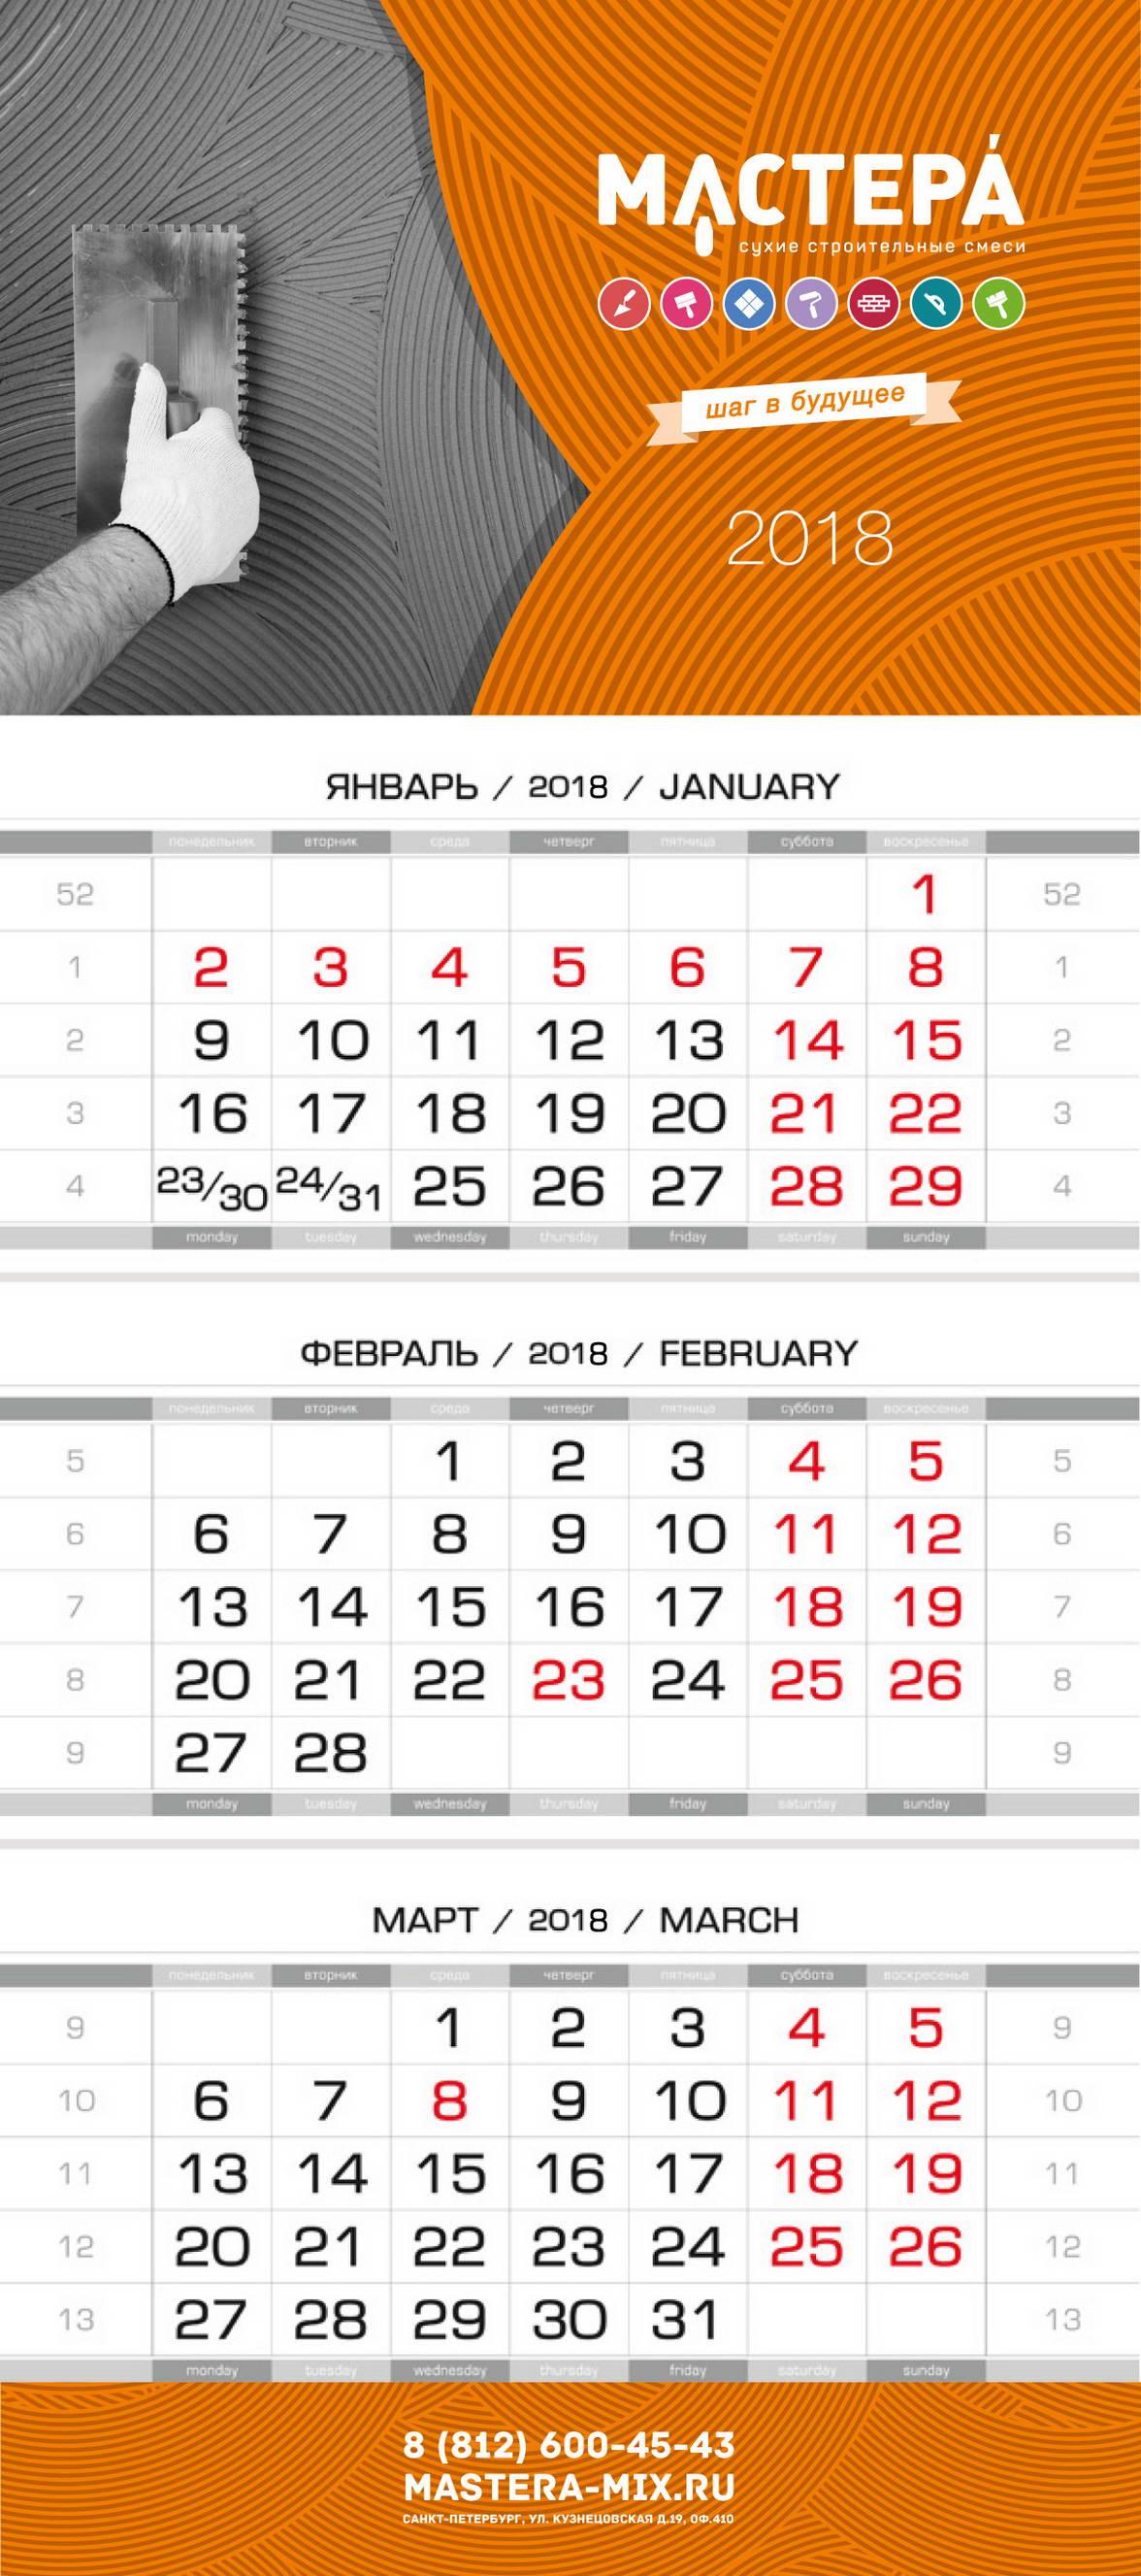 МАСТЕРА дизайн корпоративного календаря